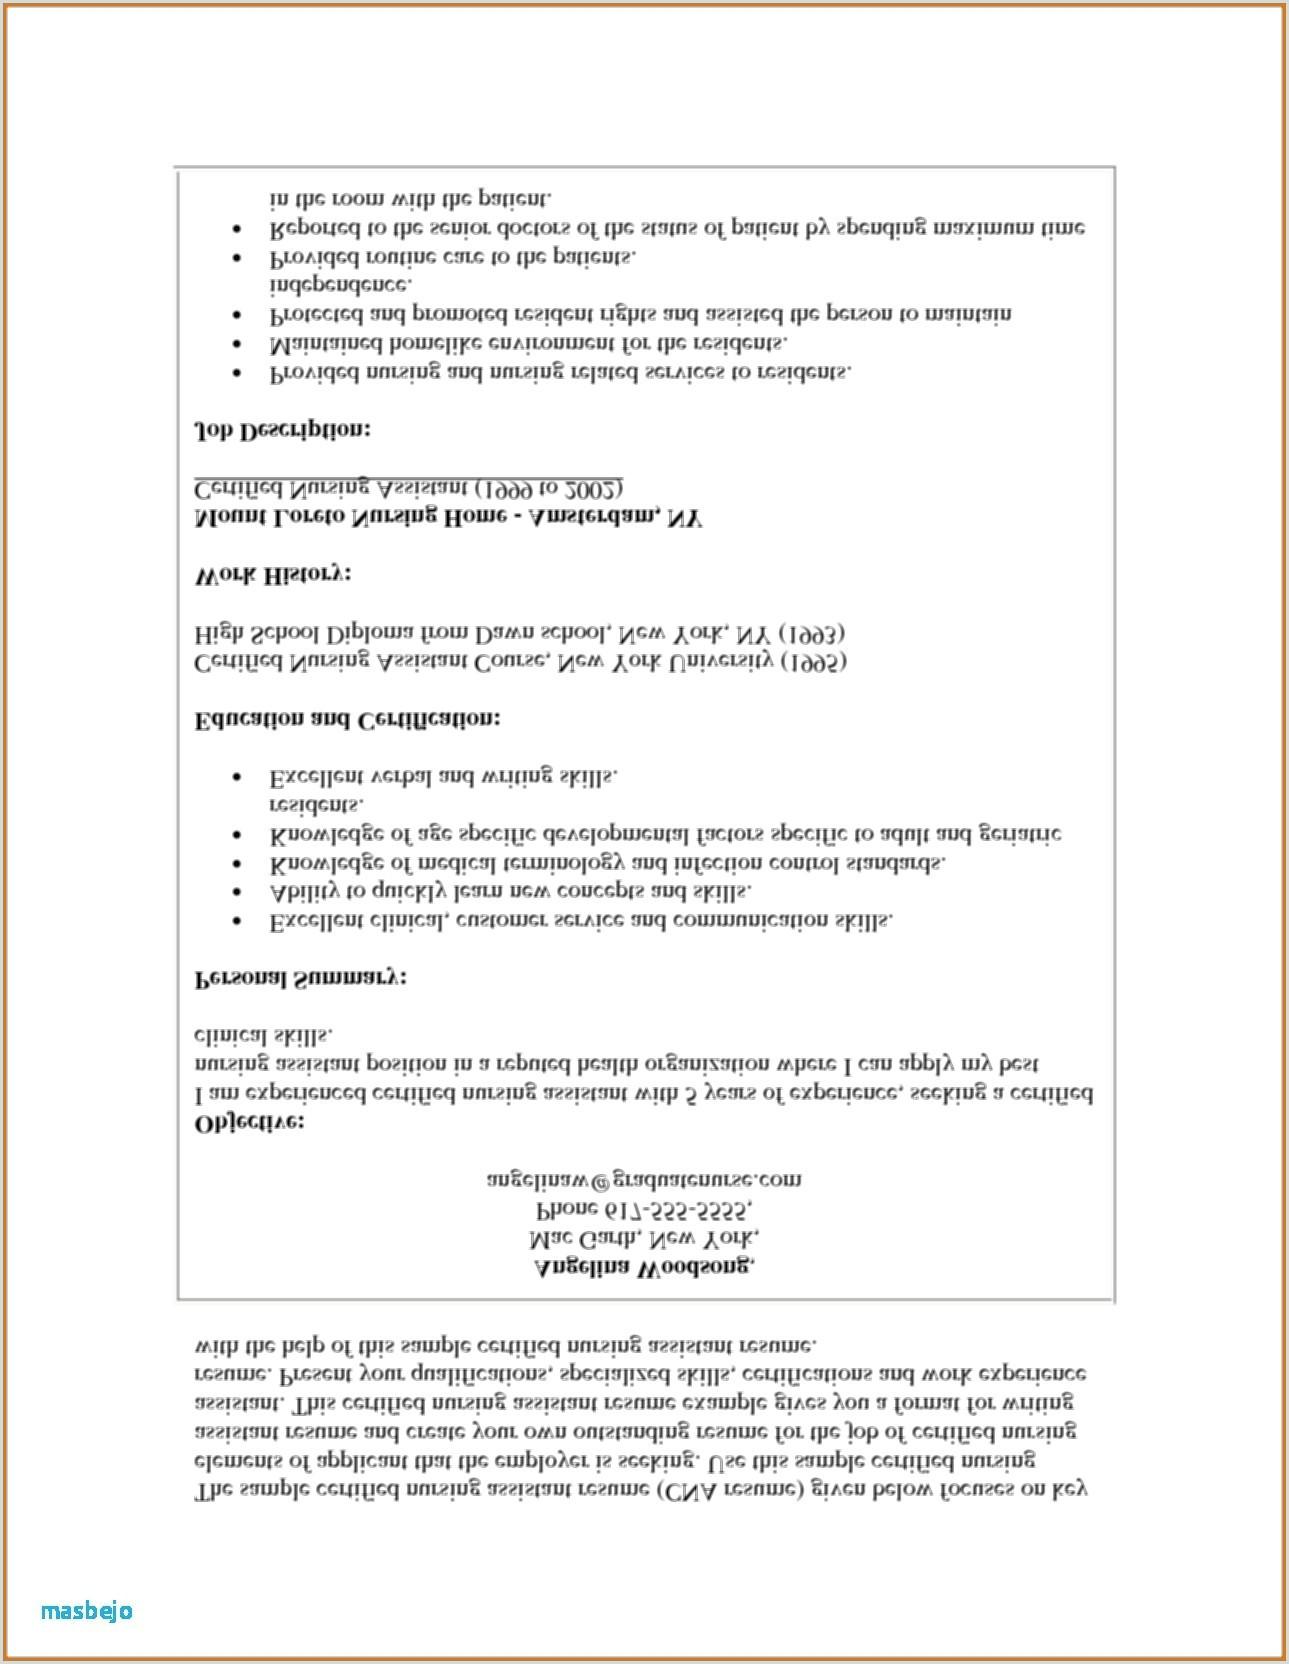 Sample Dental assistant Resumes Dental assistant Resume Objective New Medical assistant